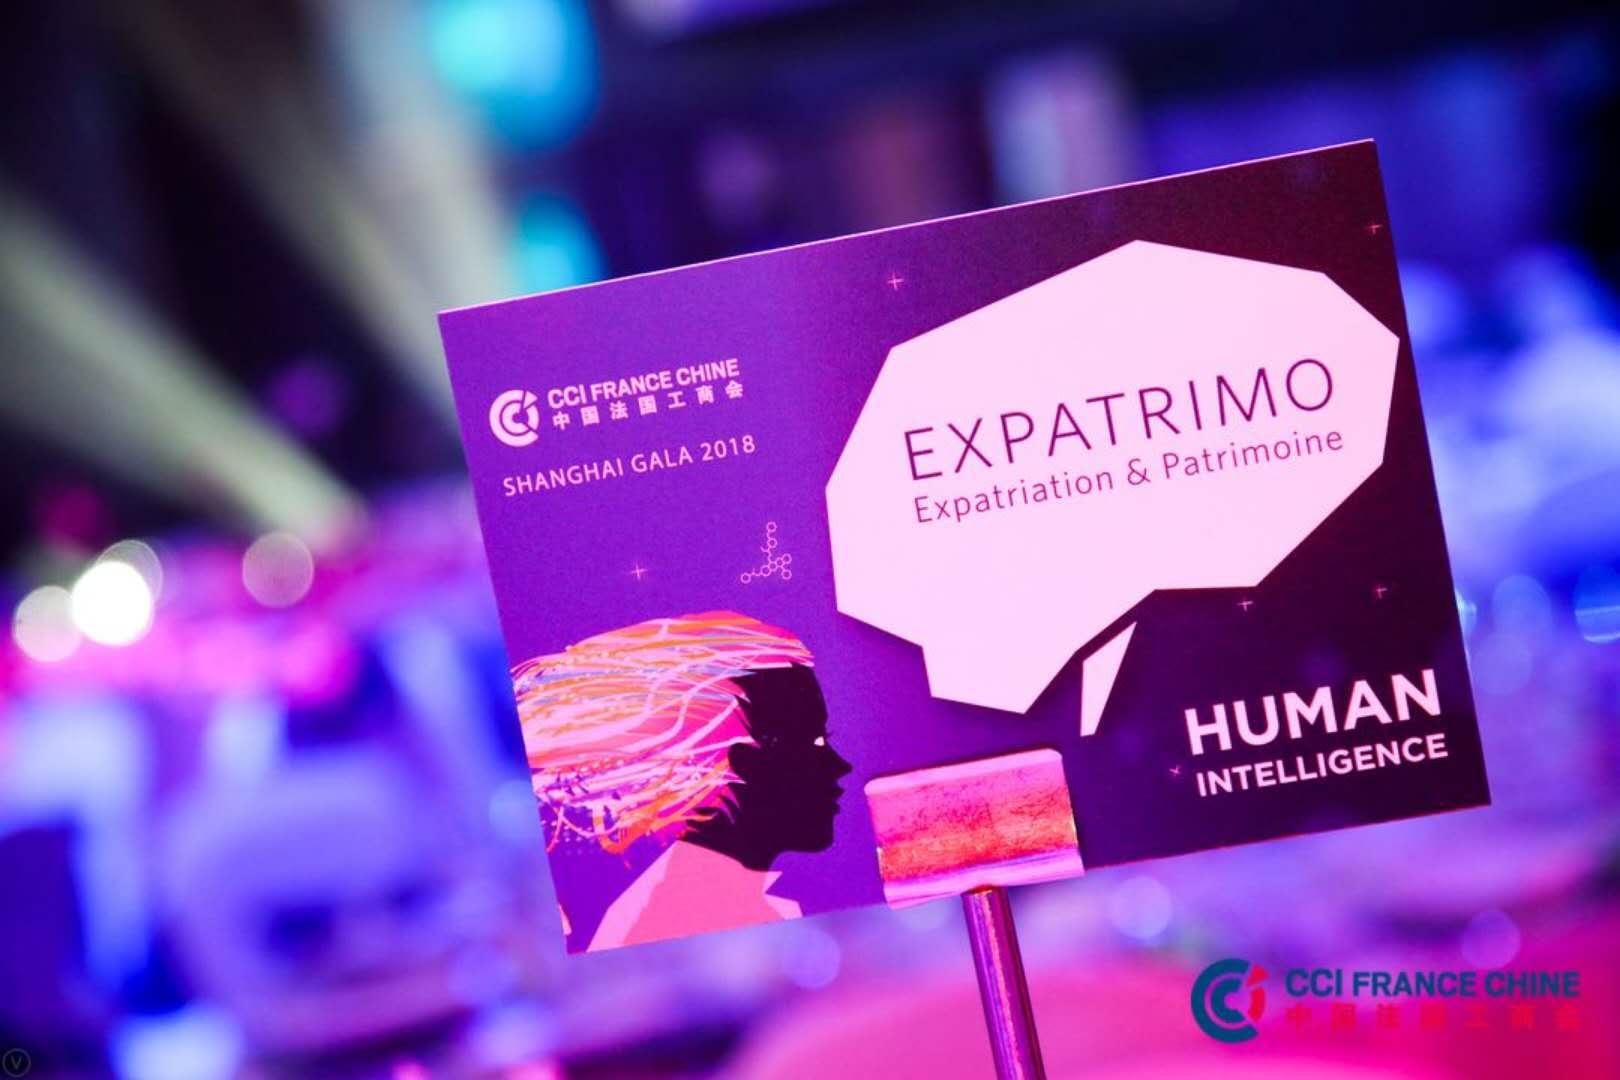 Expatrimo Sponsor Gala CCIFC